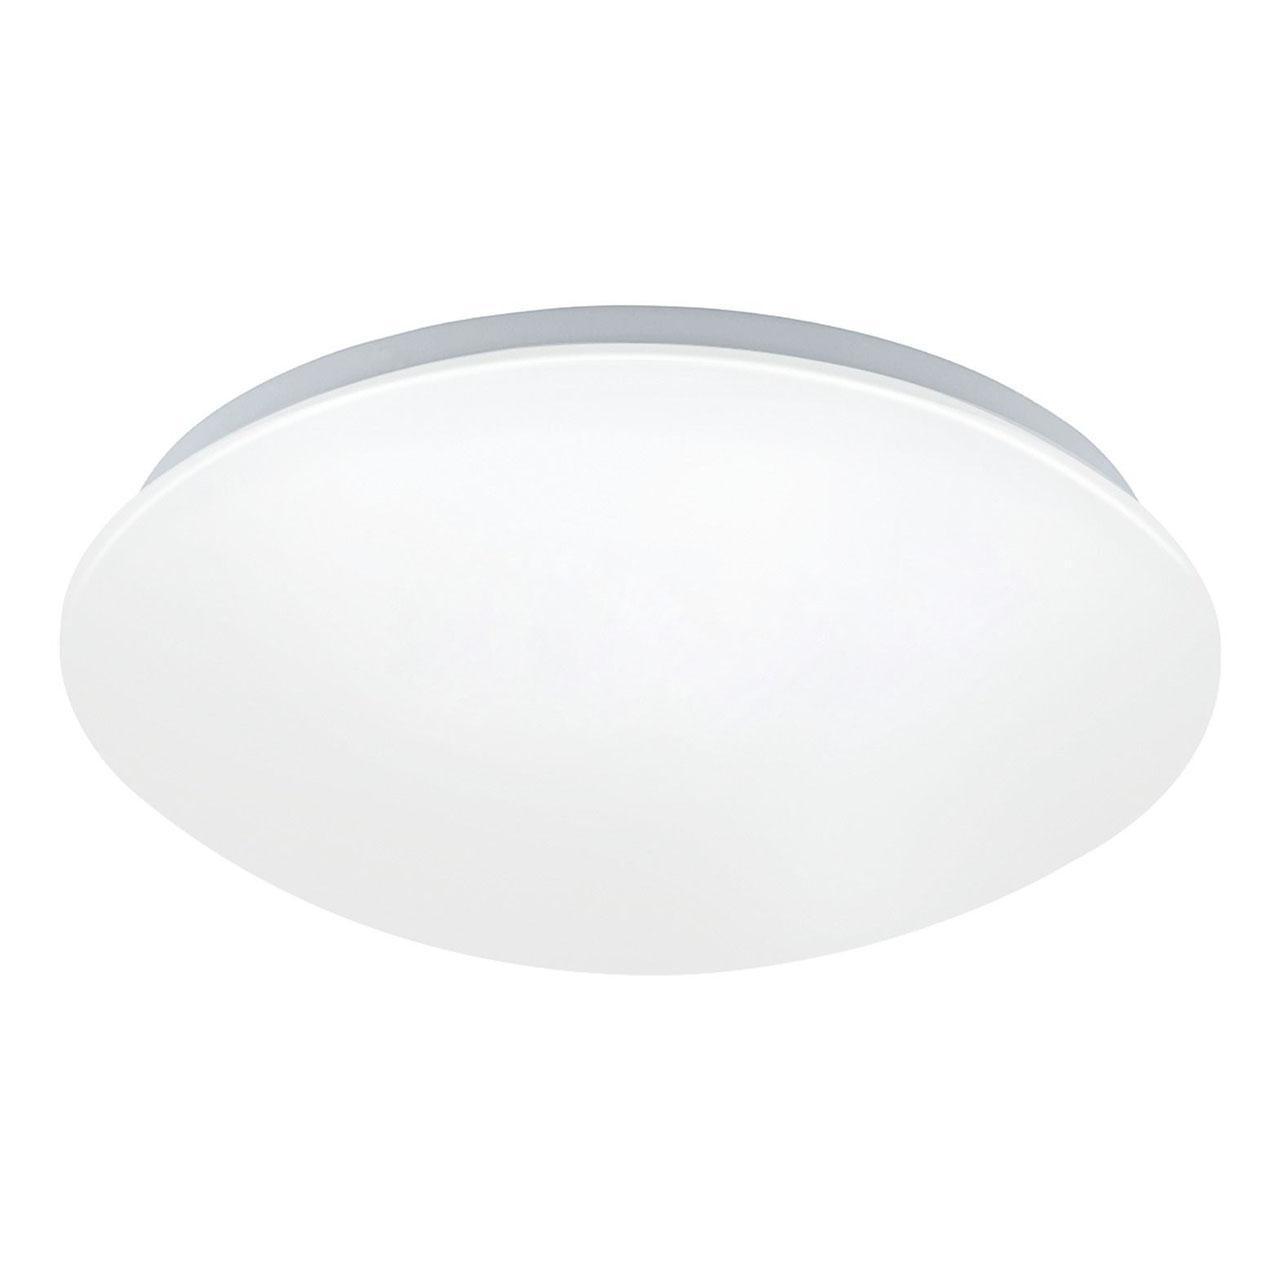 Потолочный светильник Eglo 97102, белый